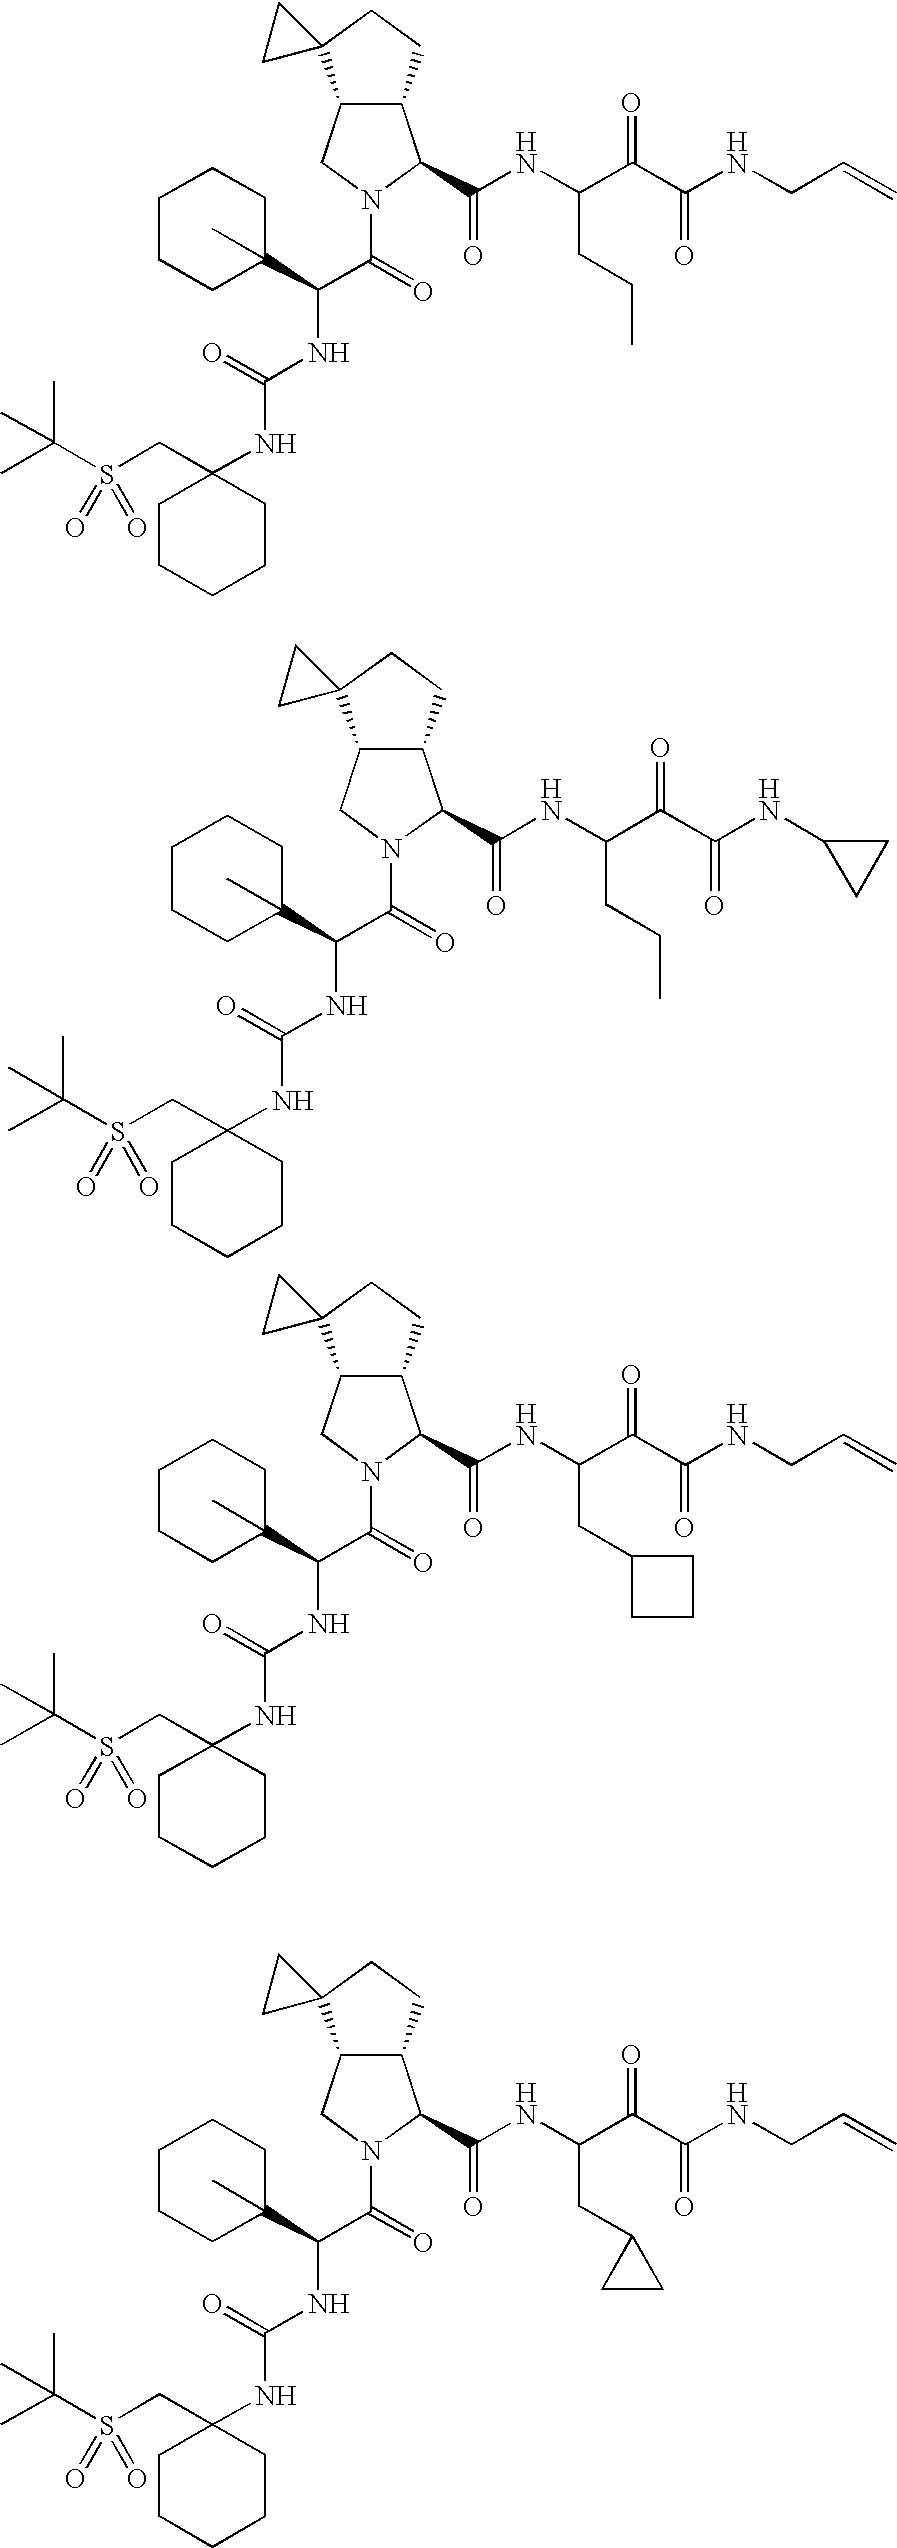 Figure US20060287248A1-20061221-C00521